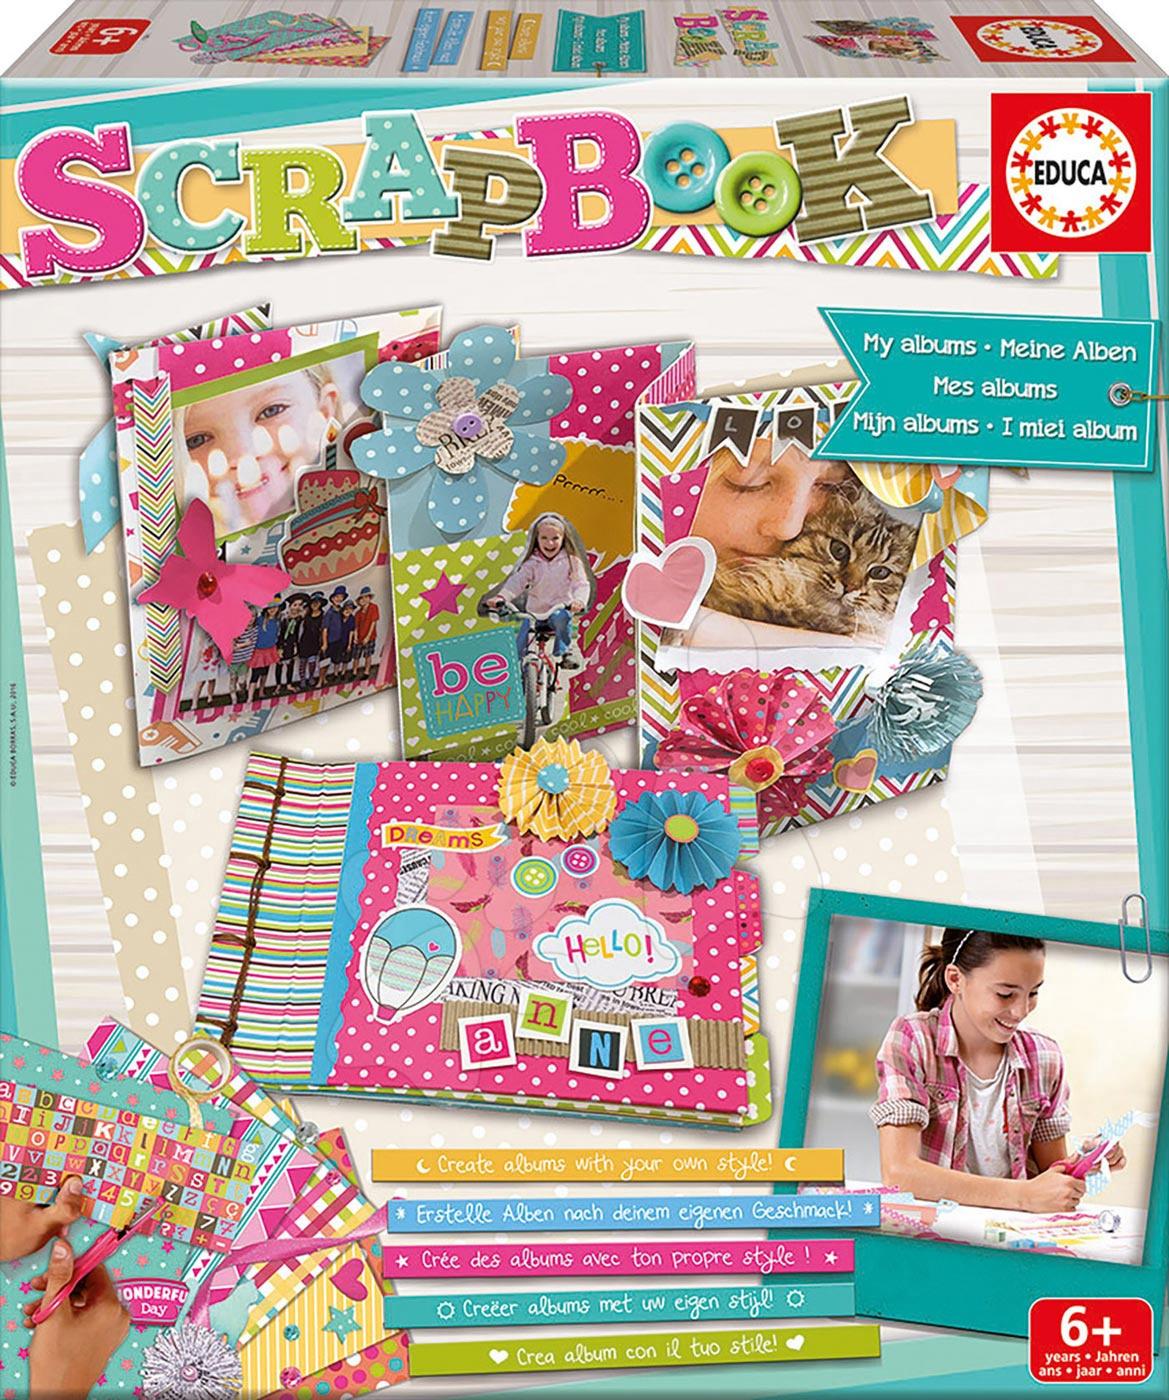 Ručné práce a tvorenie - Kreatívny set Scrapbook Môj Album Educa pre šikovné ruky od 6 rokov